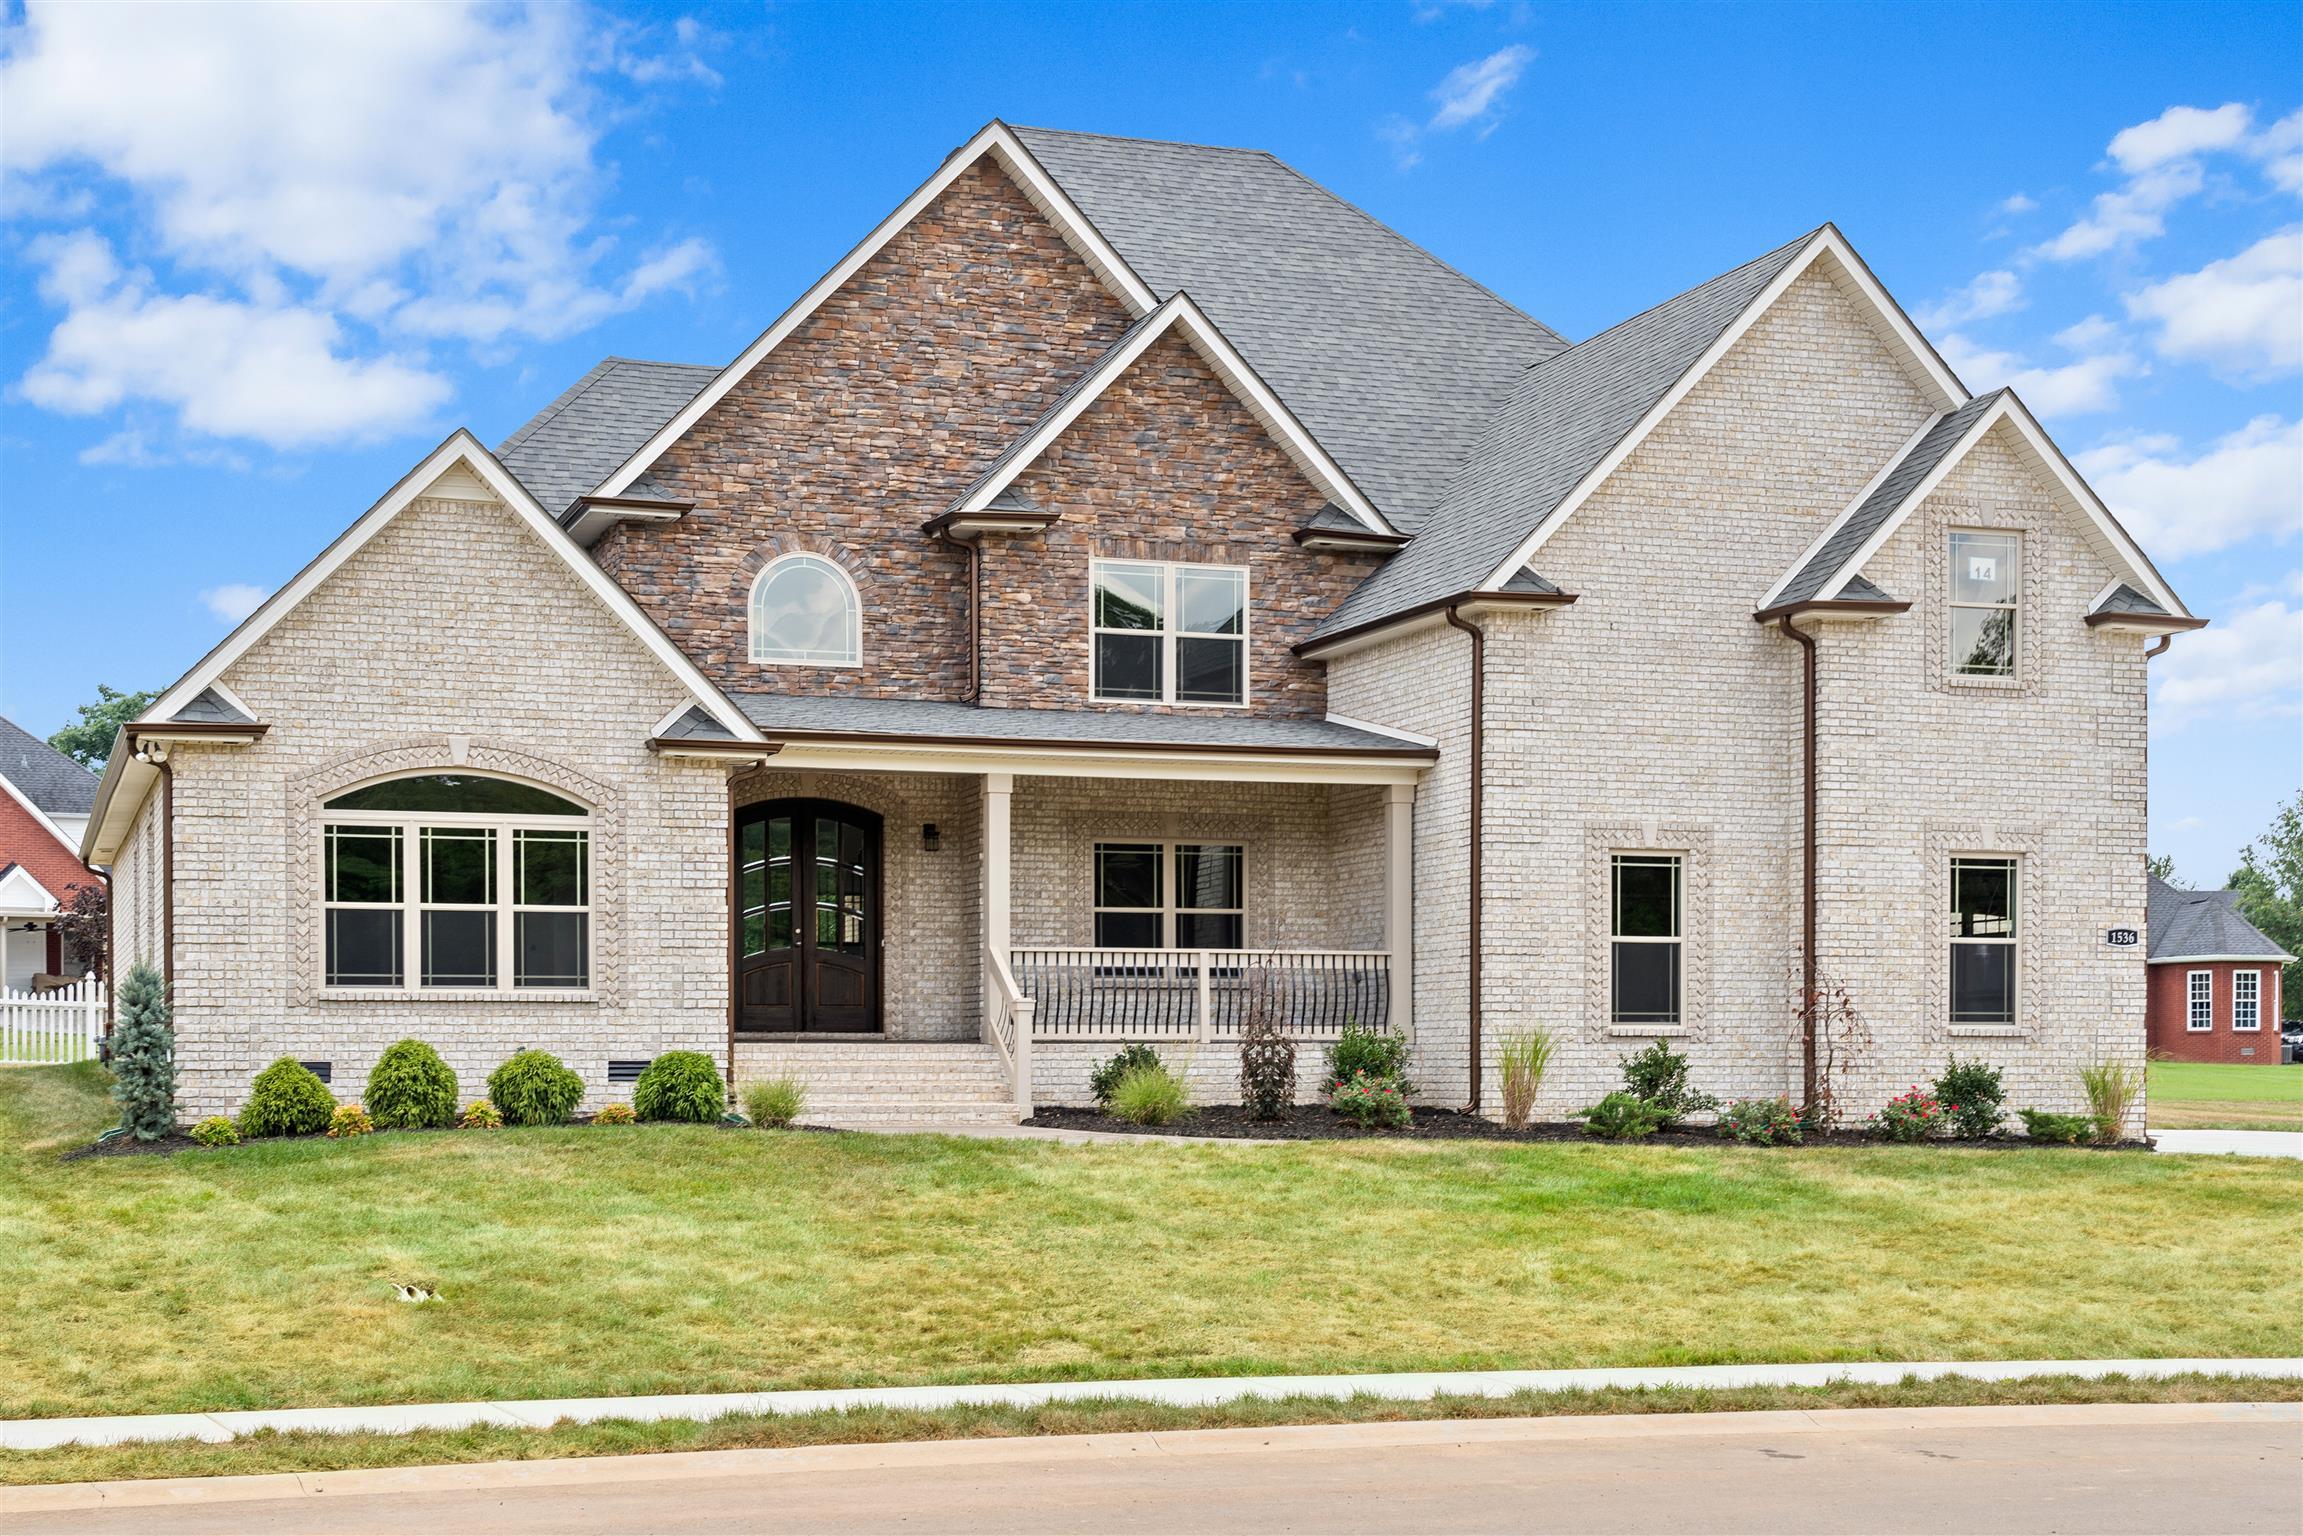 14 Savannah Glen, Clarksville, TN 37043 - Clarksville, TN real estate listing